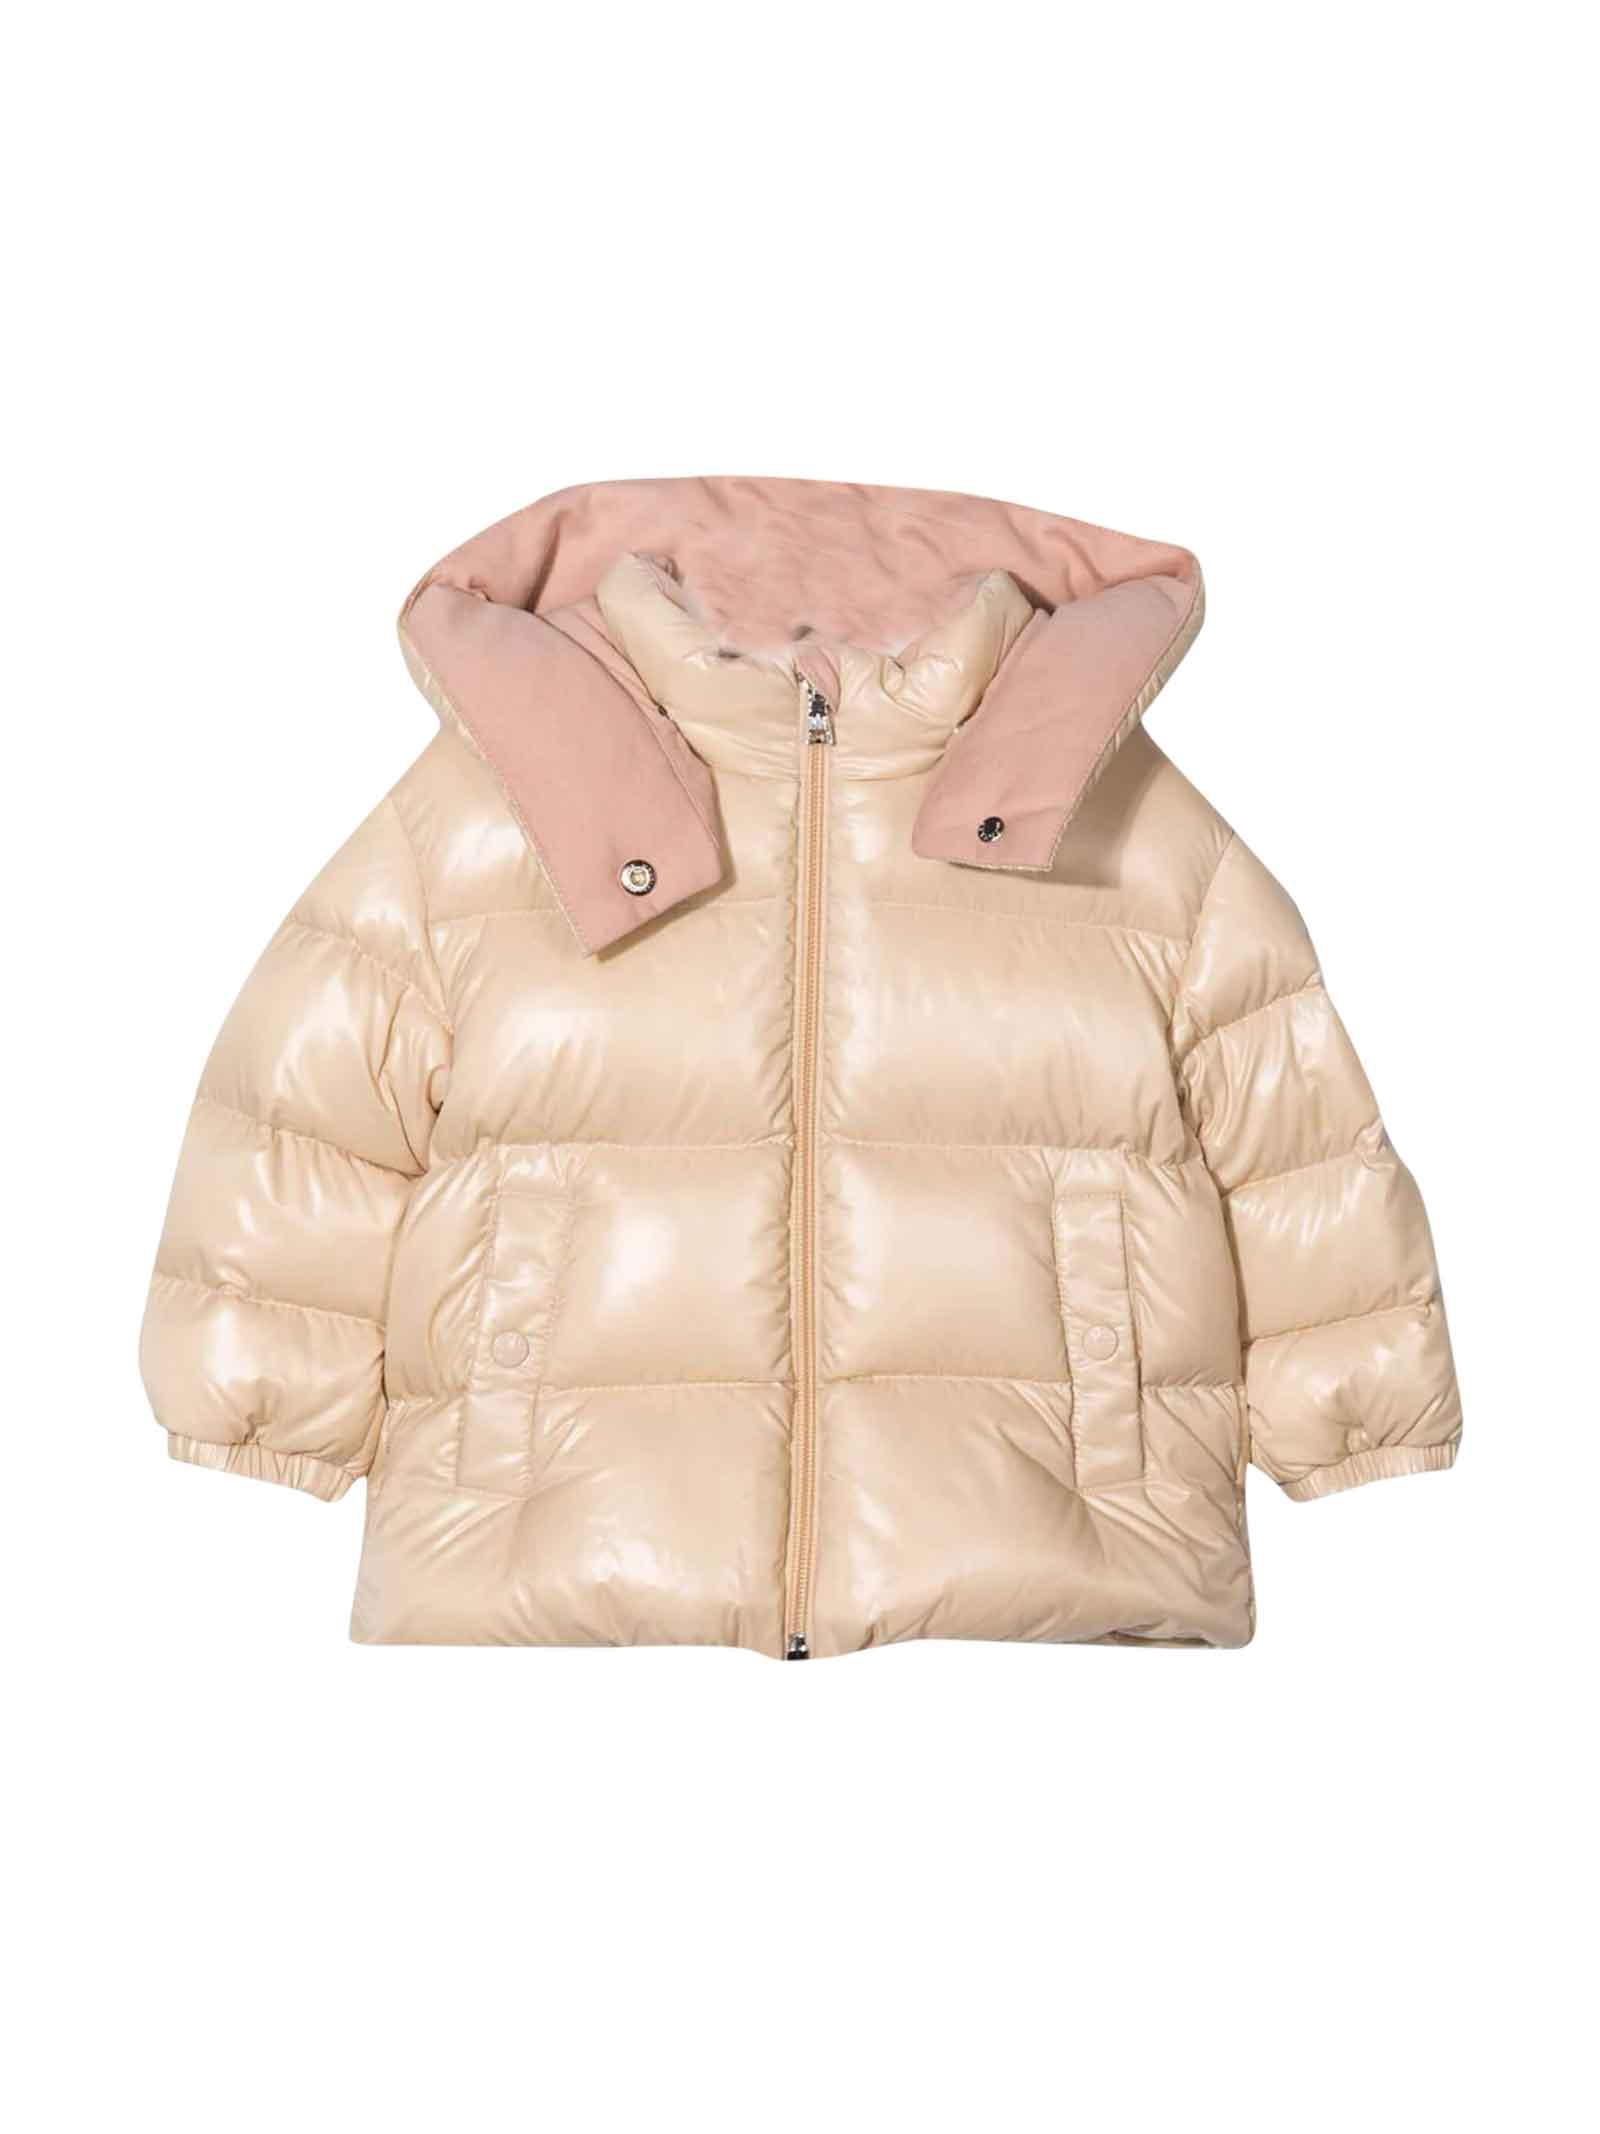 Moncler Moncler Enfant Baby Girl Pink Down Jacket